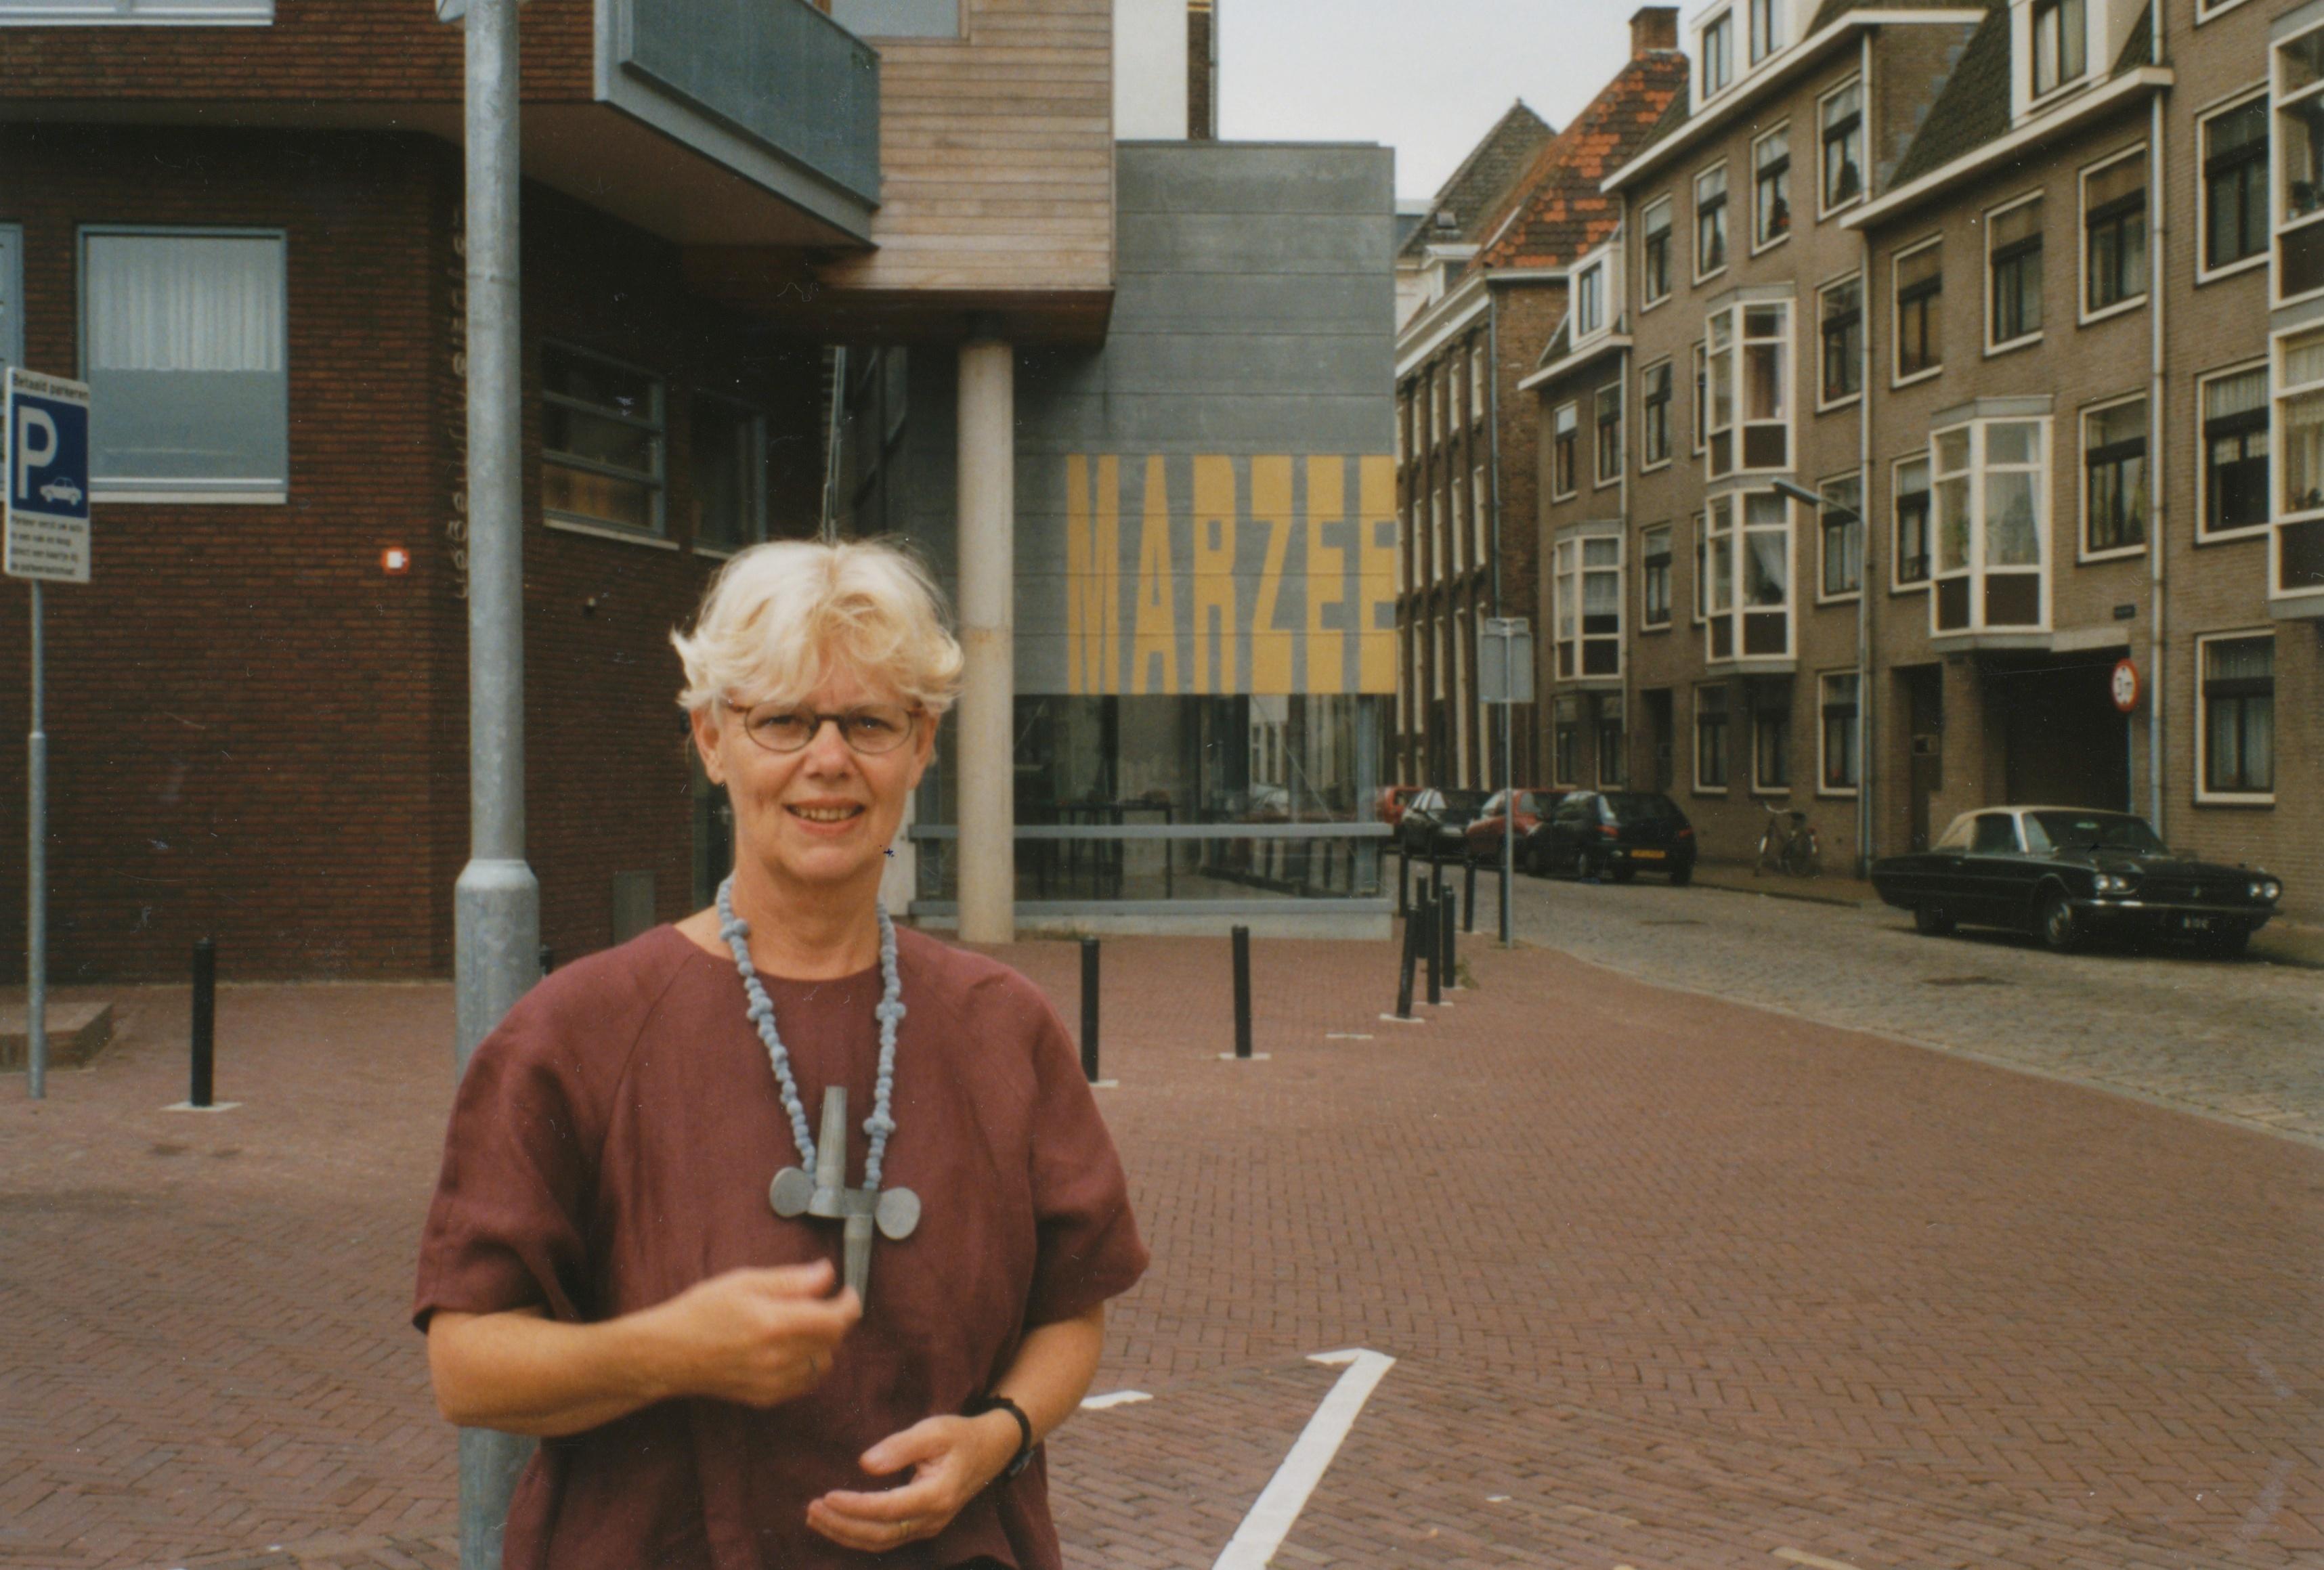 Claartje Keur, Zelfportret met halssieraad van Lucy Sarneel, Nijmegen, Galerie Marzee, 5 augustus 1998. Foto Claartje Keur